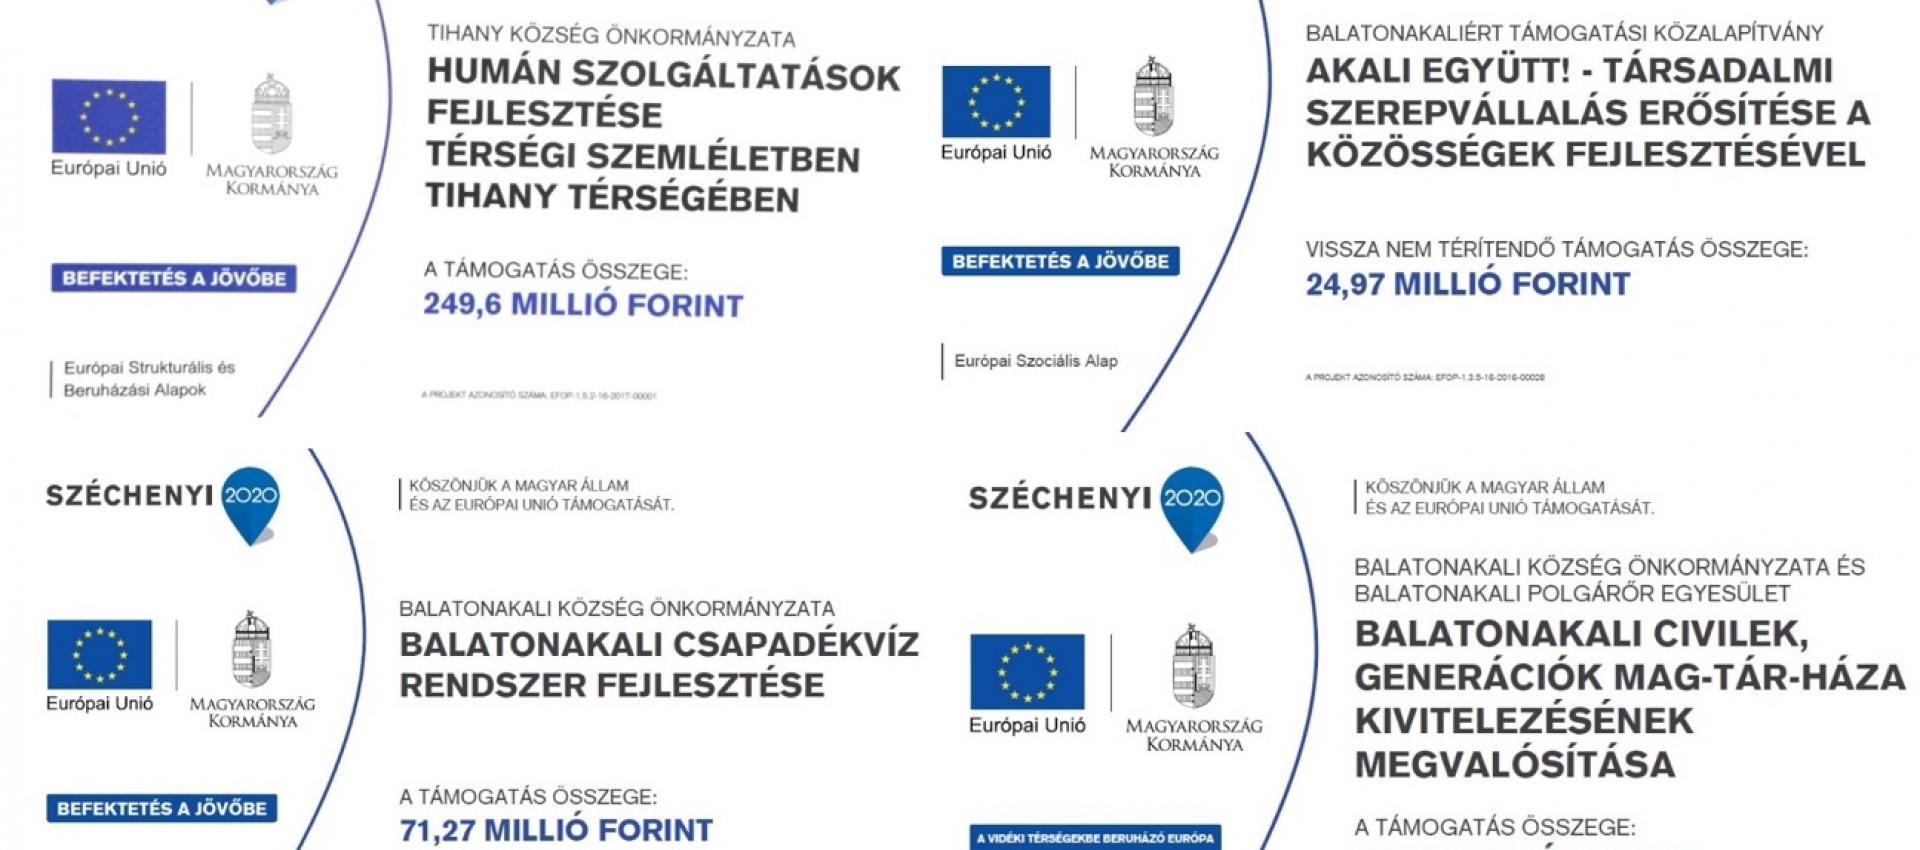 Településünk jelenleg is futó Uniós támogatásból megvalósuló pályázatai